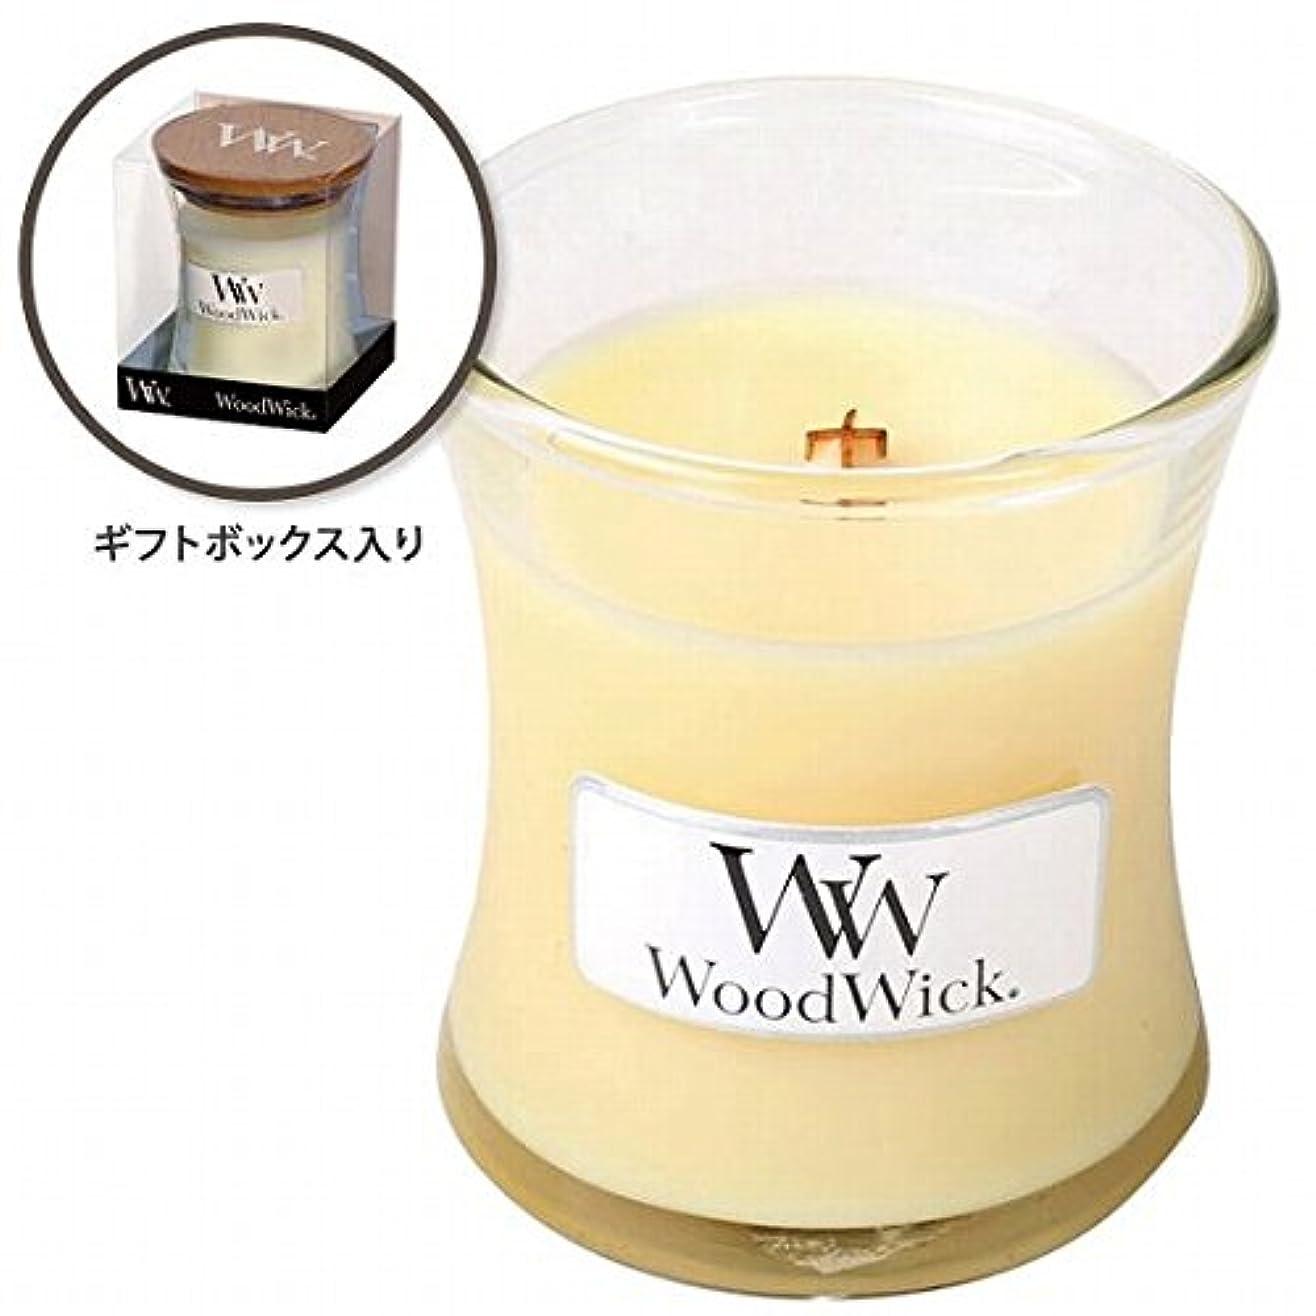 キネマティクスデンマーク語ニュージーランドWoodWick(ウッドウィック) Wood WickジャーS 「レモングラス&リリー」(W9000550)